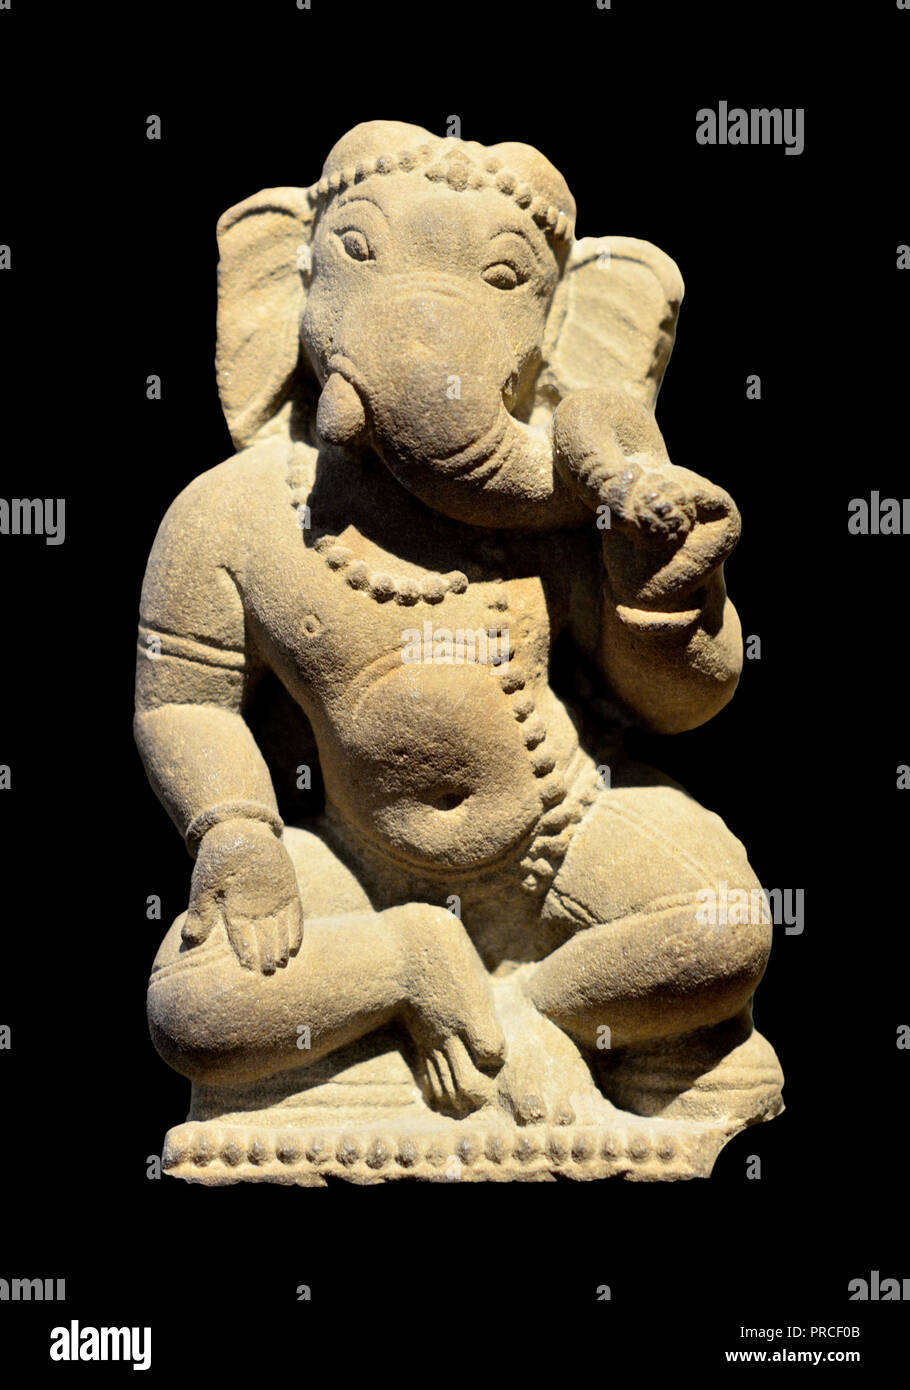 Divinità indù Ganesha (anche Ganapati, Vinayaka, Pillaiyar o Binayak) particolare di una scultura di Shiva da un tempio indù, c AD1000. British Museum, Blo Immagini Stock